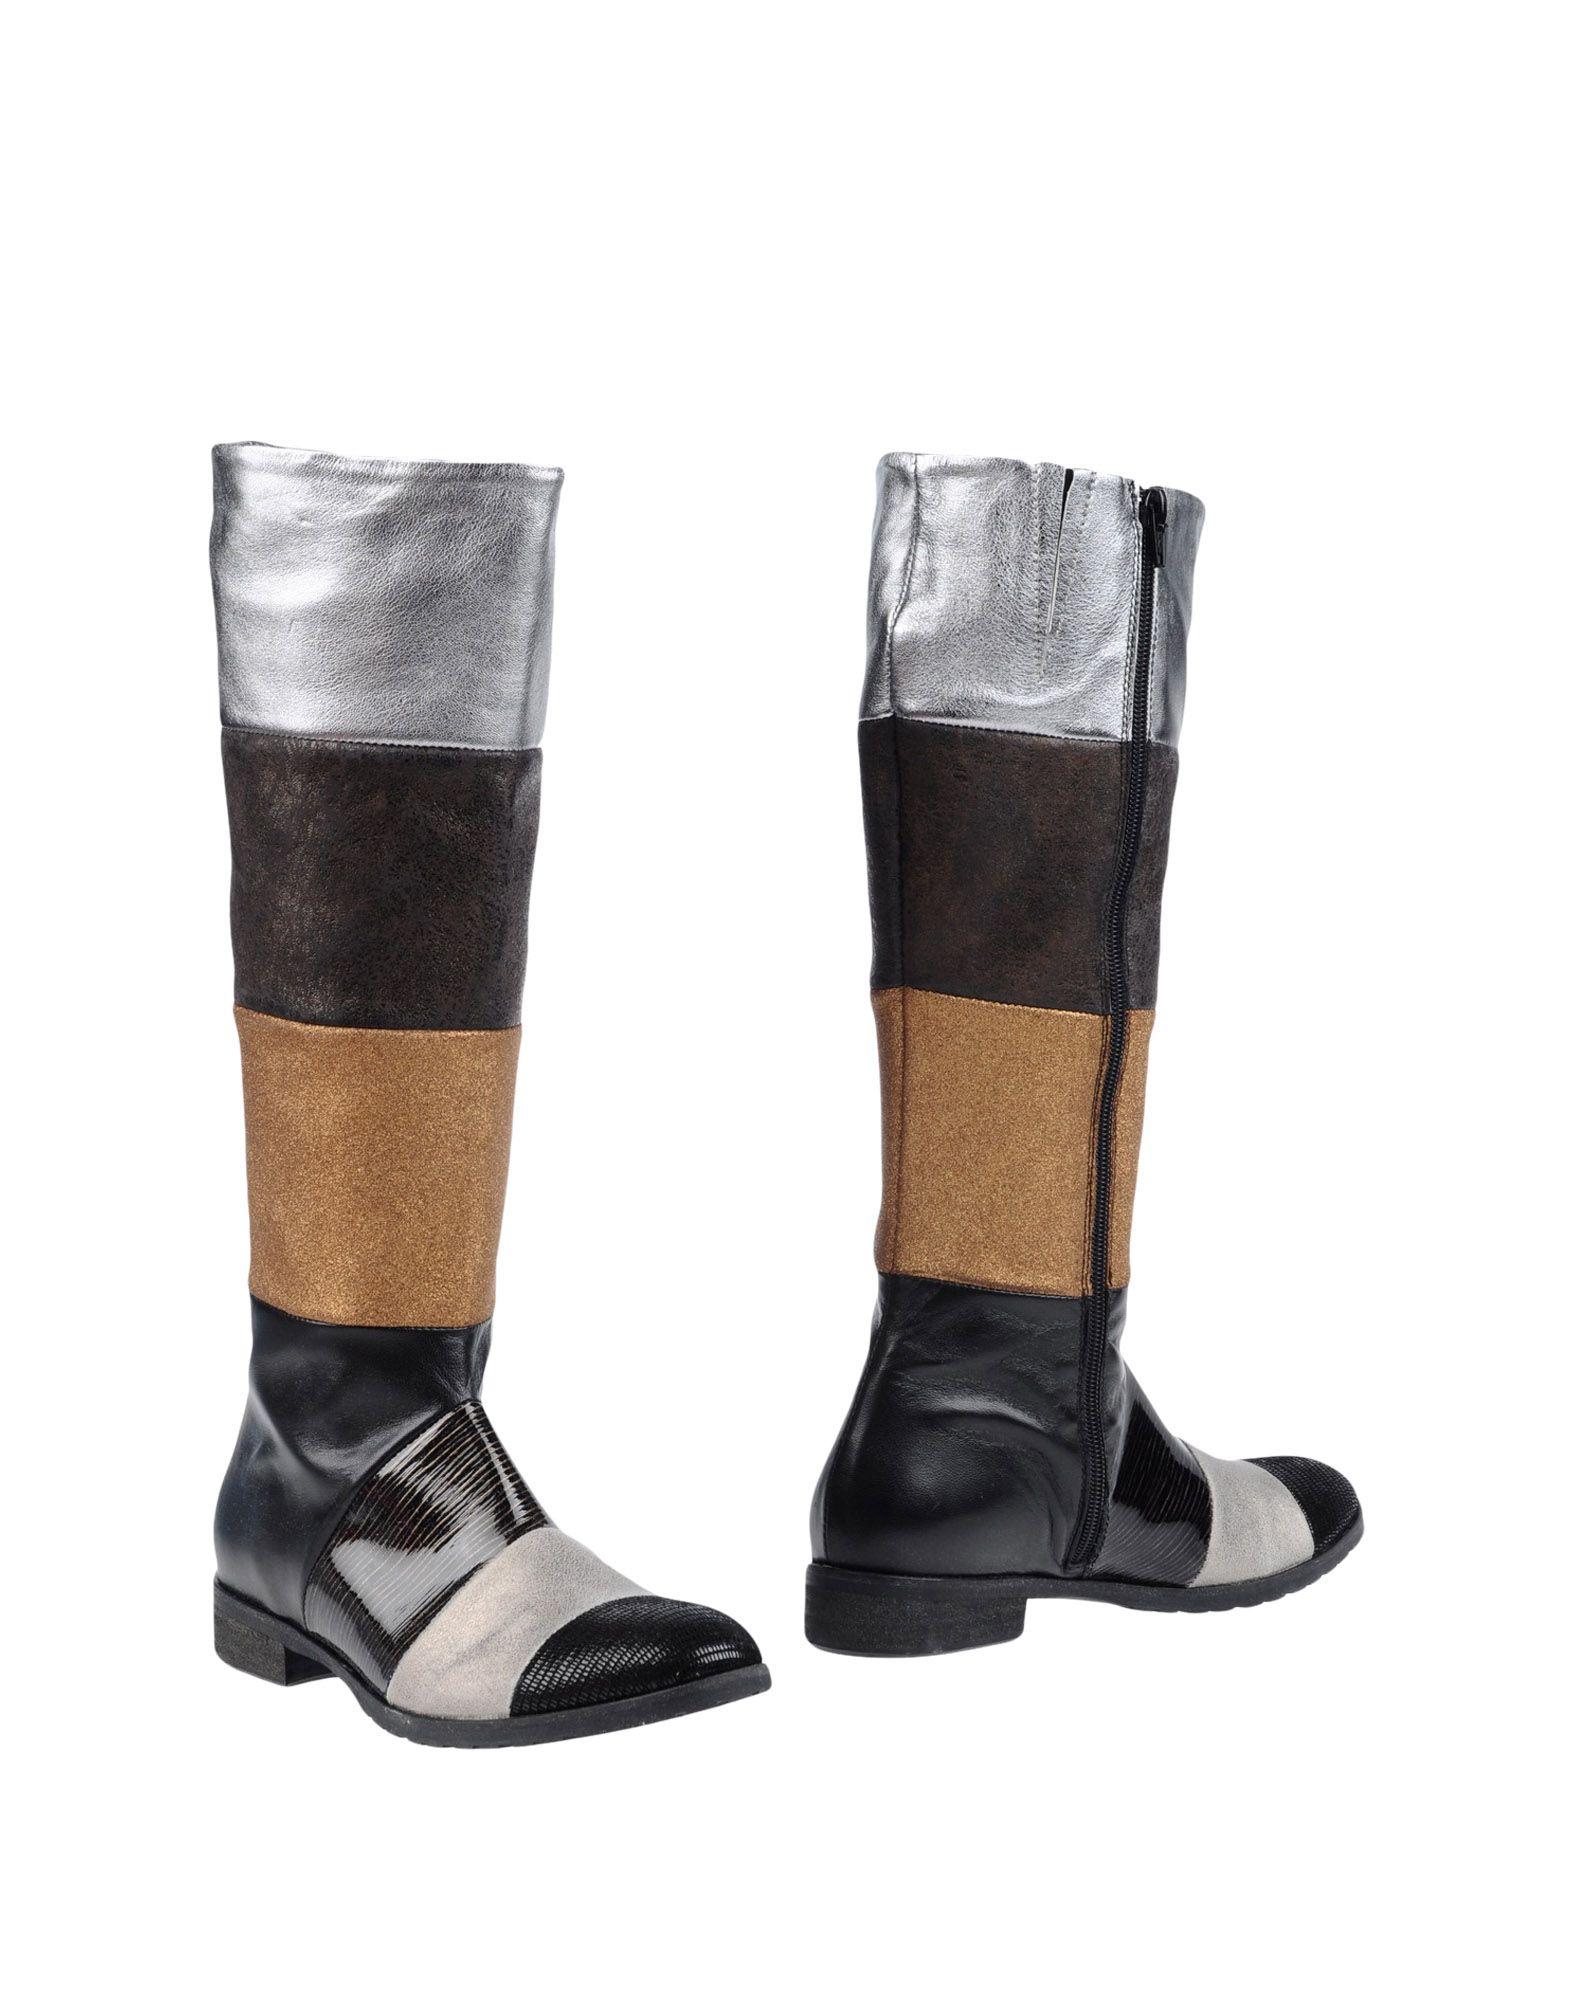 Chaussures - Bottes Ebarrito lv3kzh